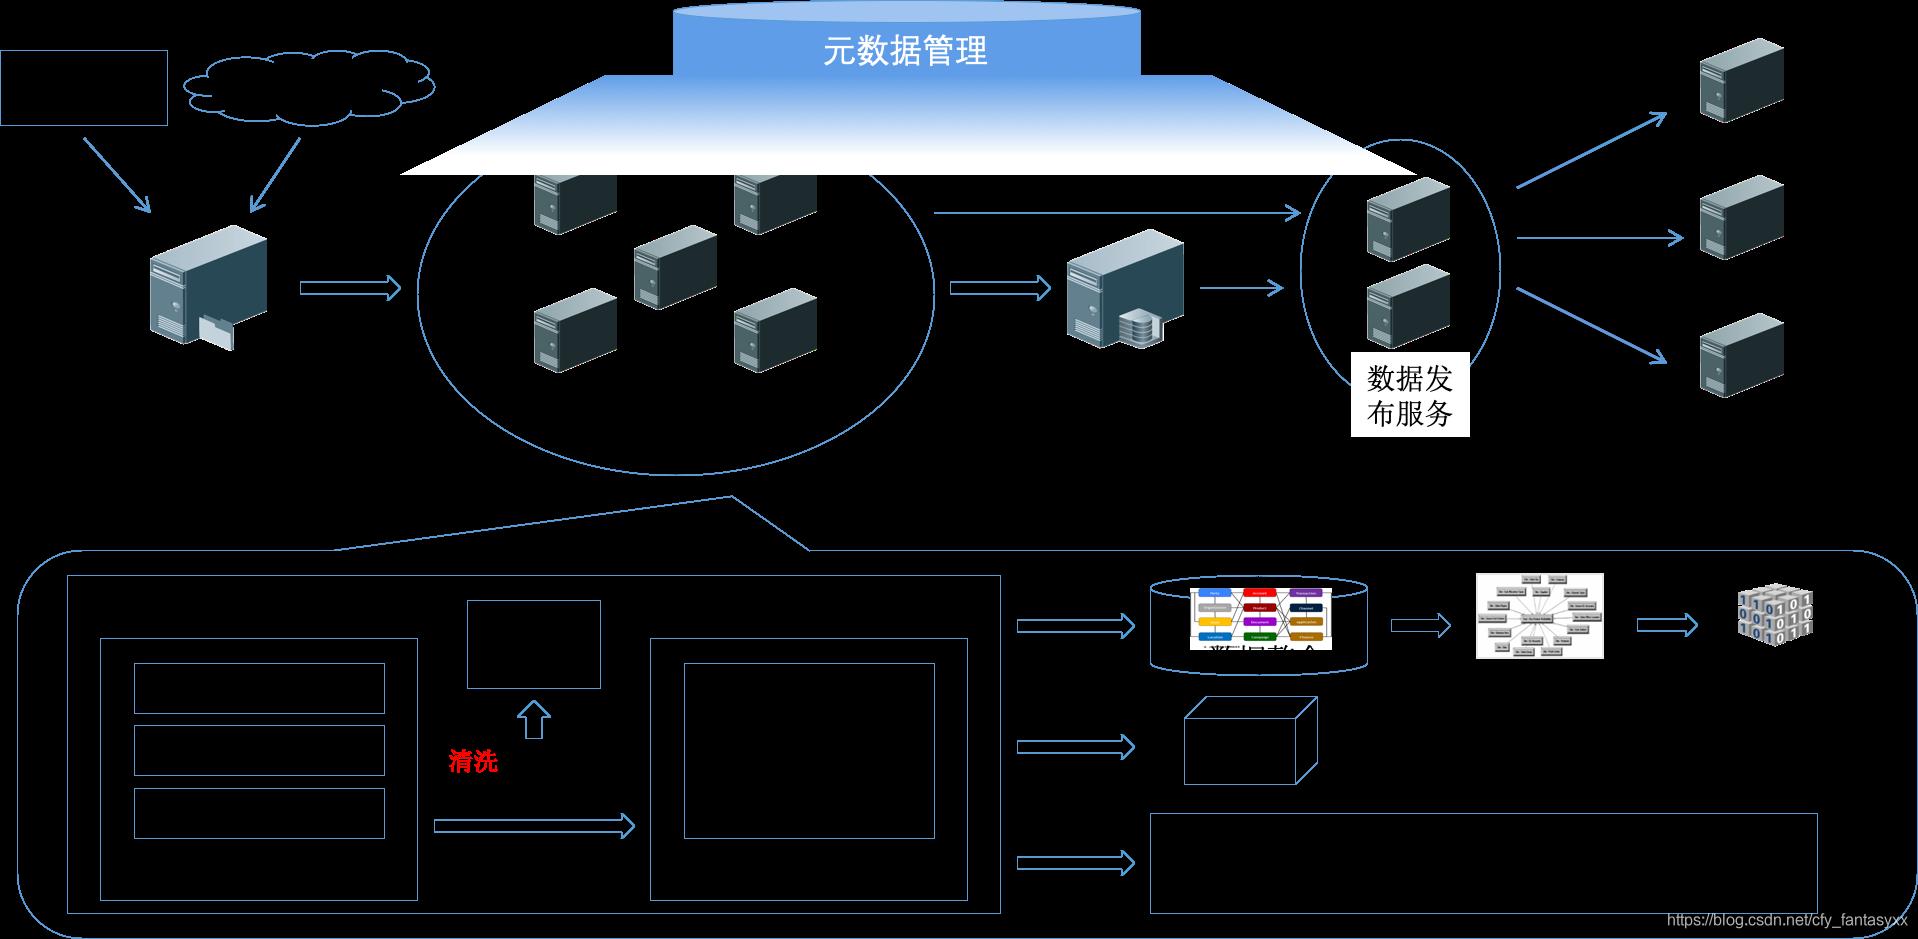 数据仓库整体处理流程